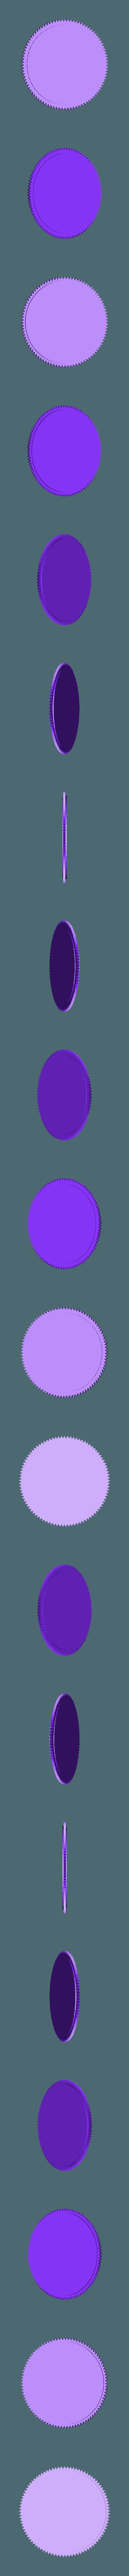 PITA Dent 29919-4 RADON PITAcle.stl Télécharger fichier STL gratuit PITA Pua Nido 26X31MM GUITAR PICK BY EXIMIENTA PLA - TPU DUAL EXTRUDER 3D • Modèle pour imprimante 3D, carleslluisar